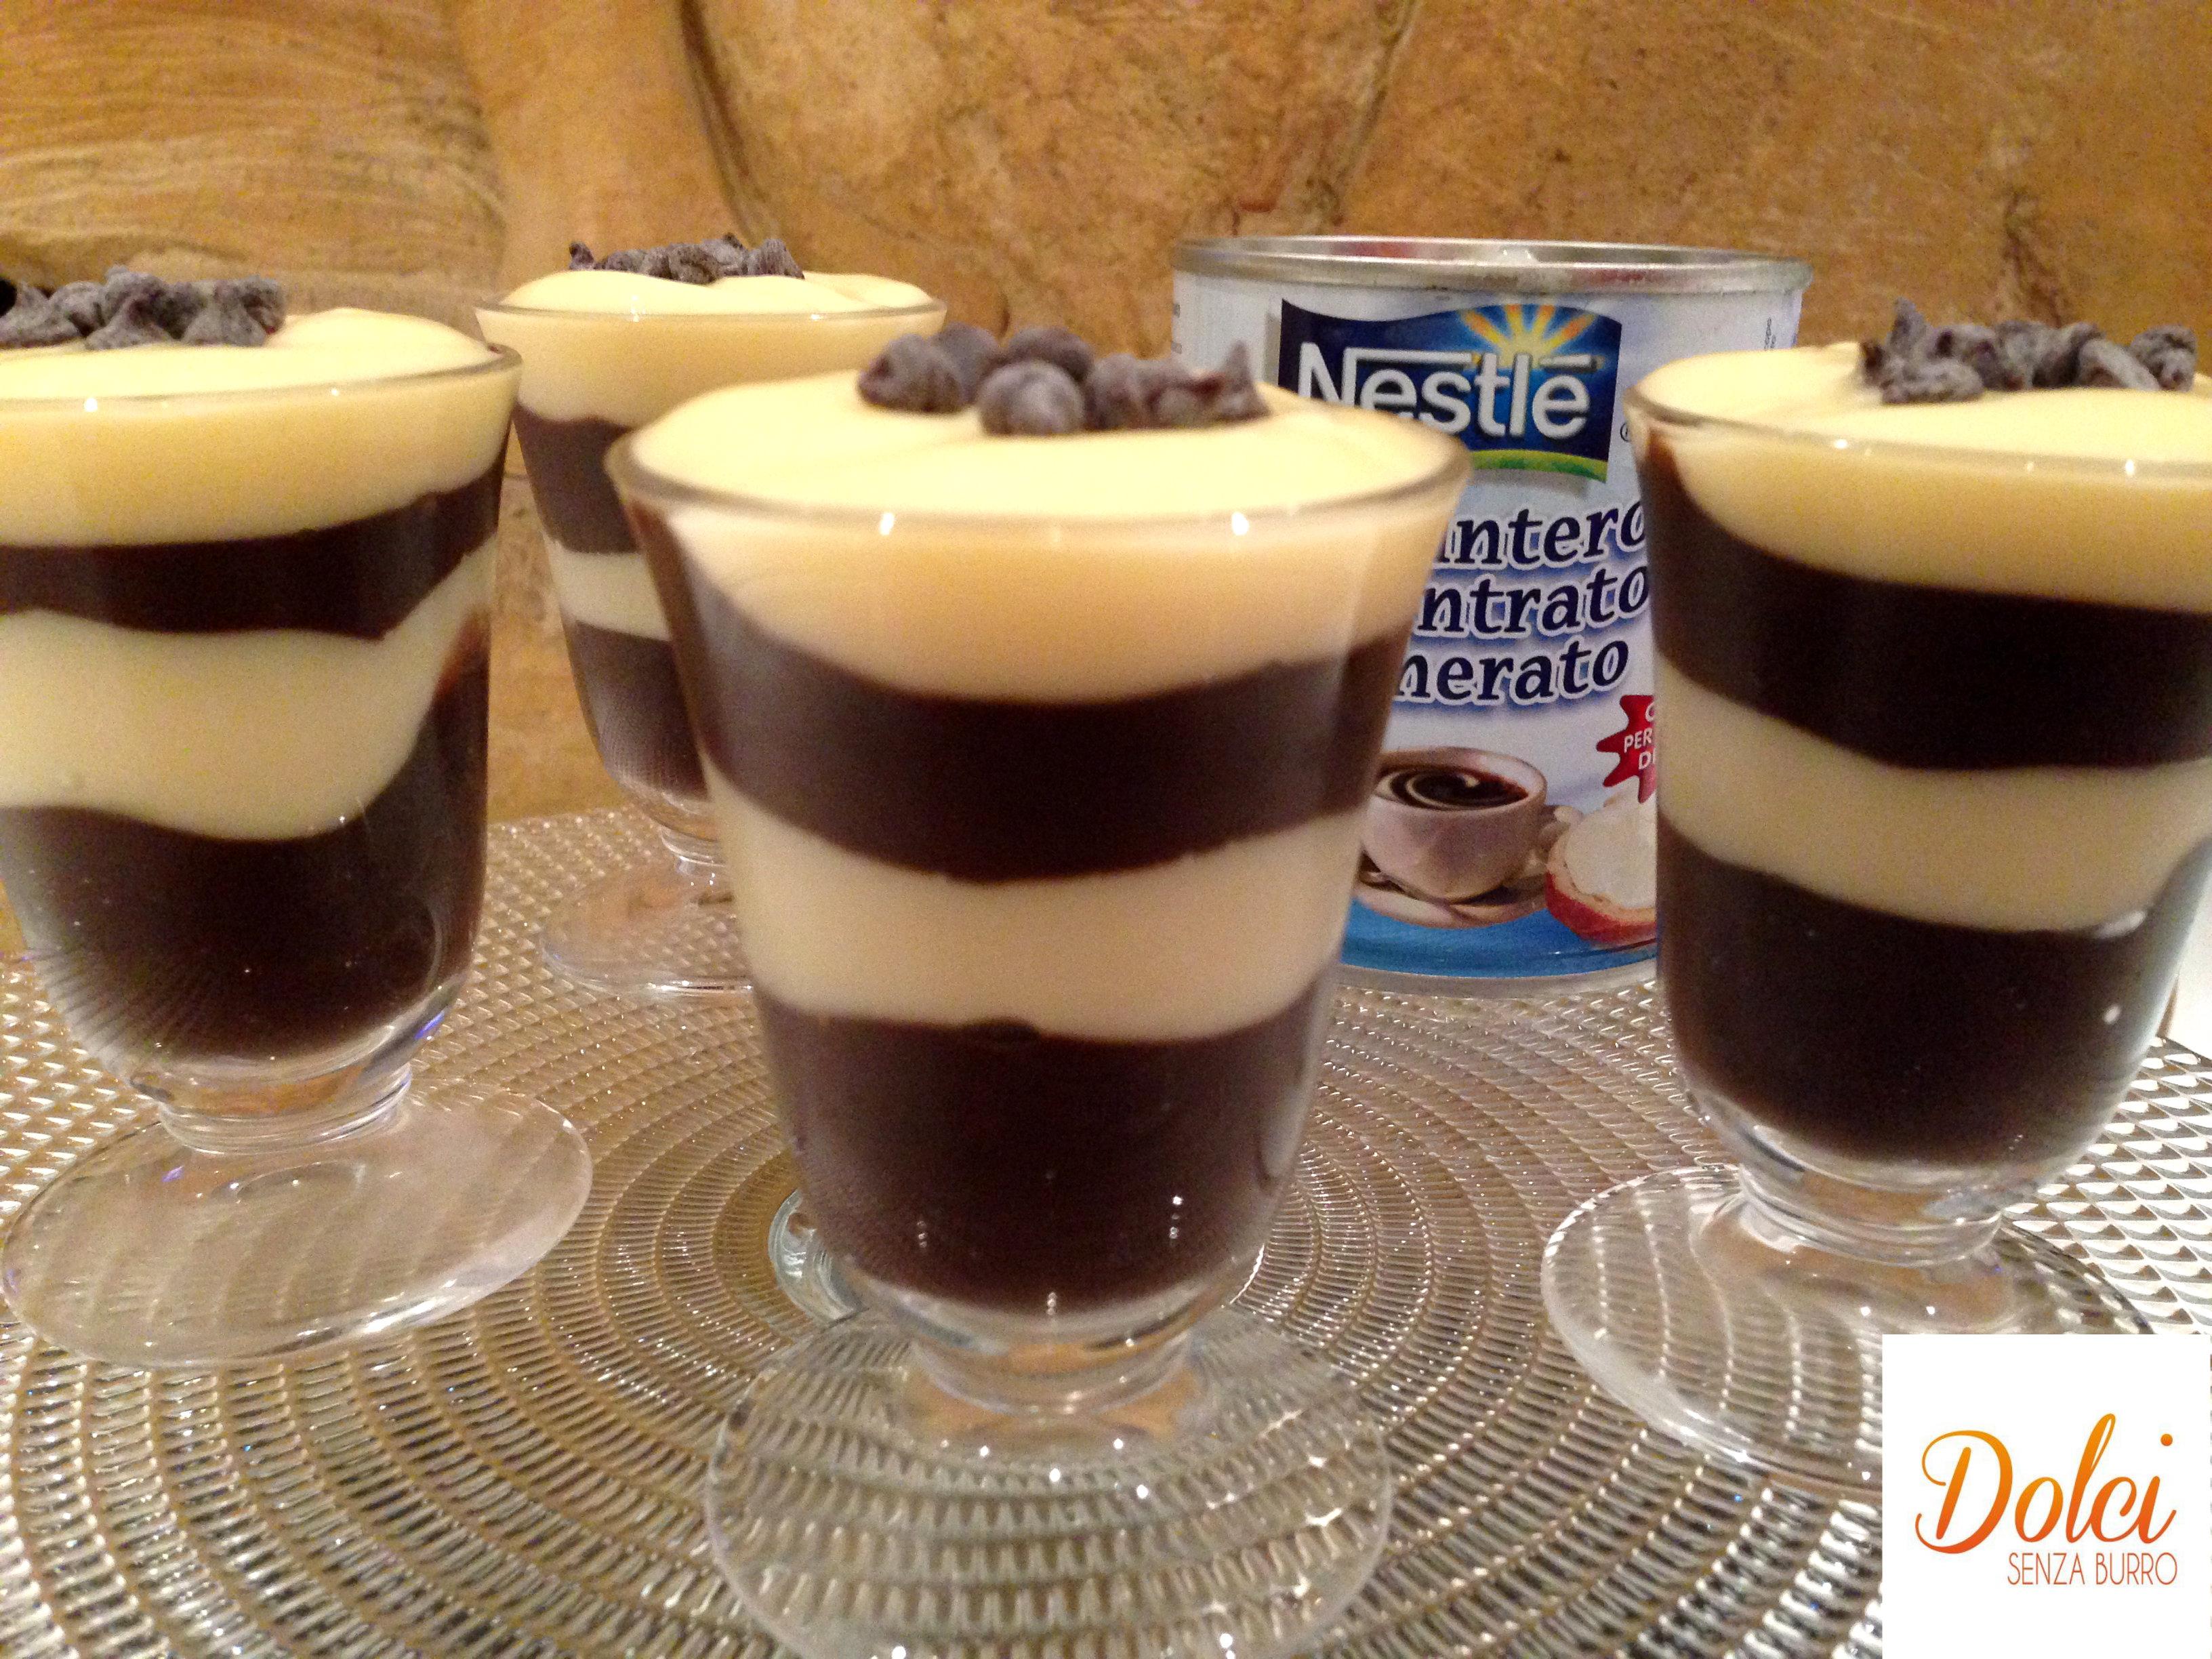 La Crema Bigusto è un dolce con il latte condensato di dolci senza burro